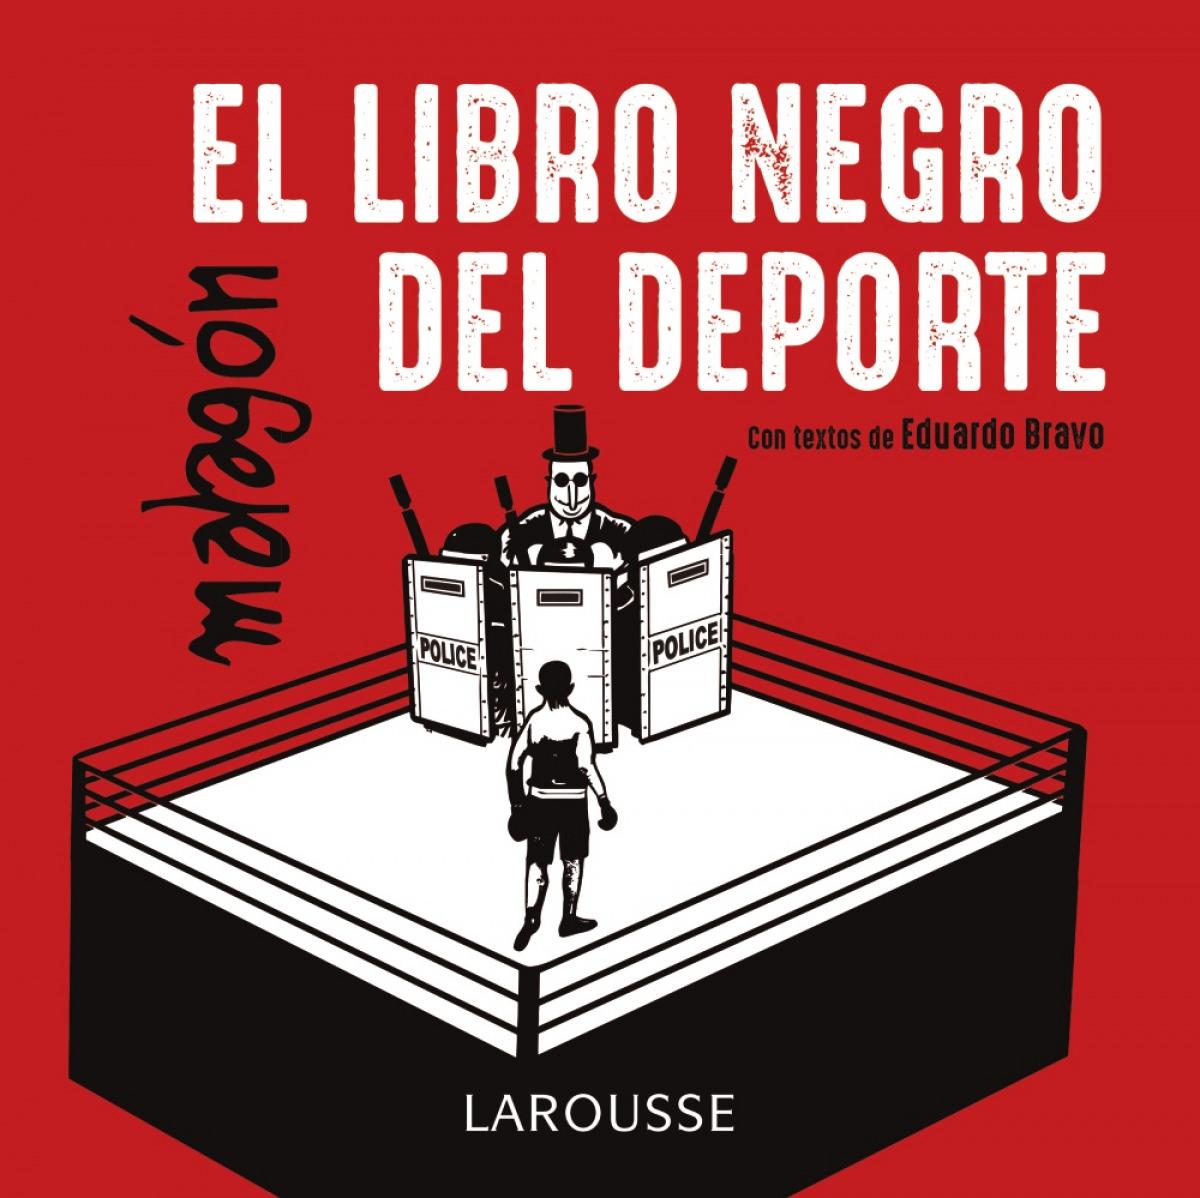 El libro negro del deporte 9788418100192